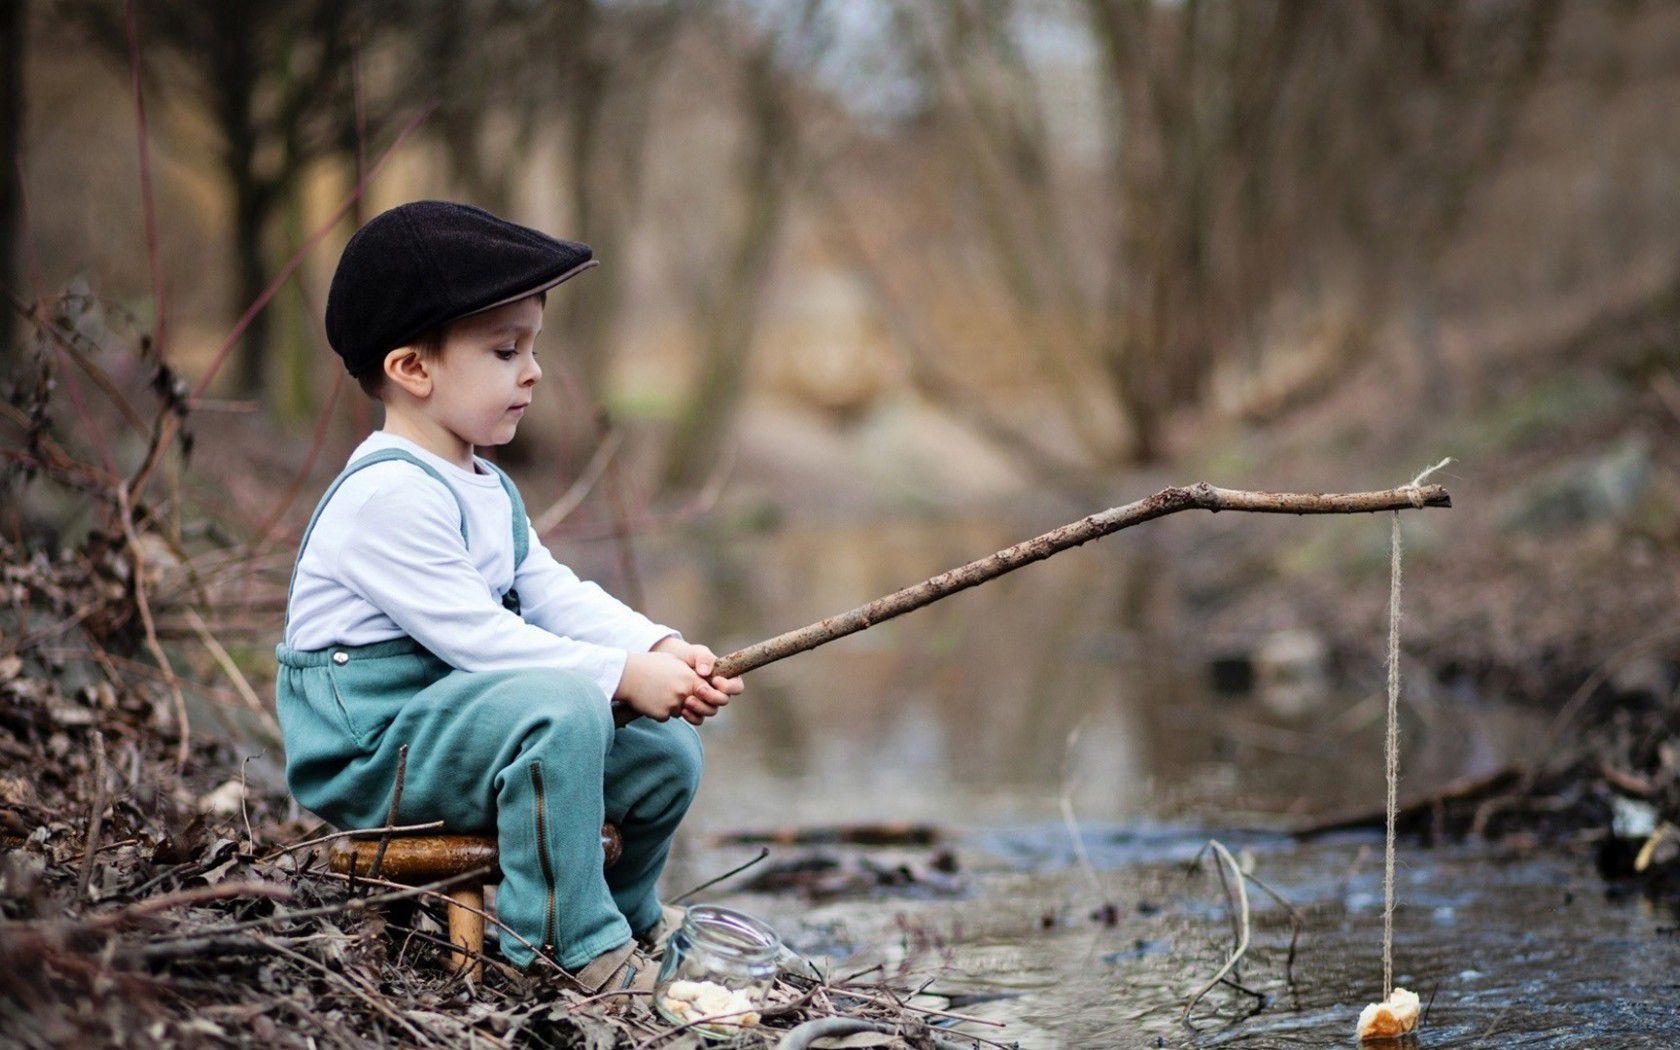 играть в рыбалку на скакалках